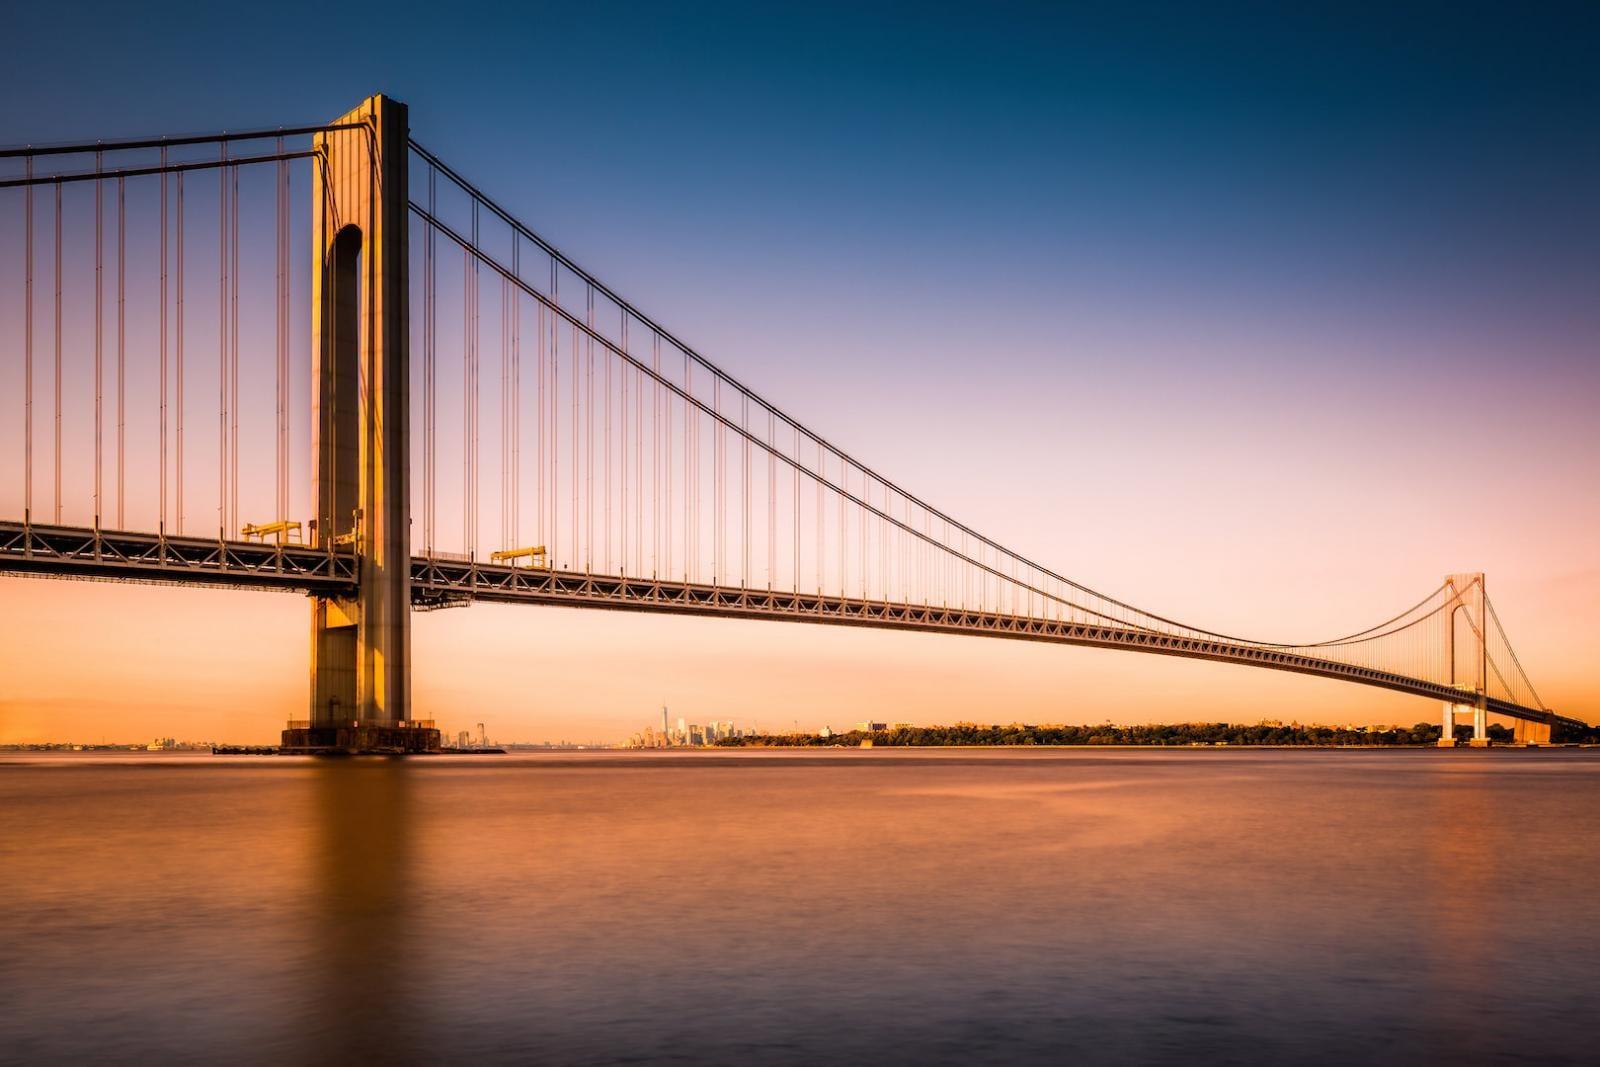 Die Staten Island Verrazano-Narrows Bridge